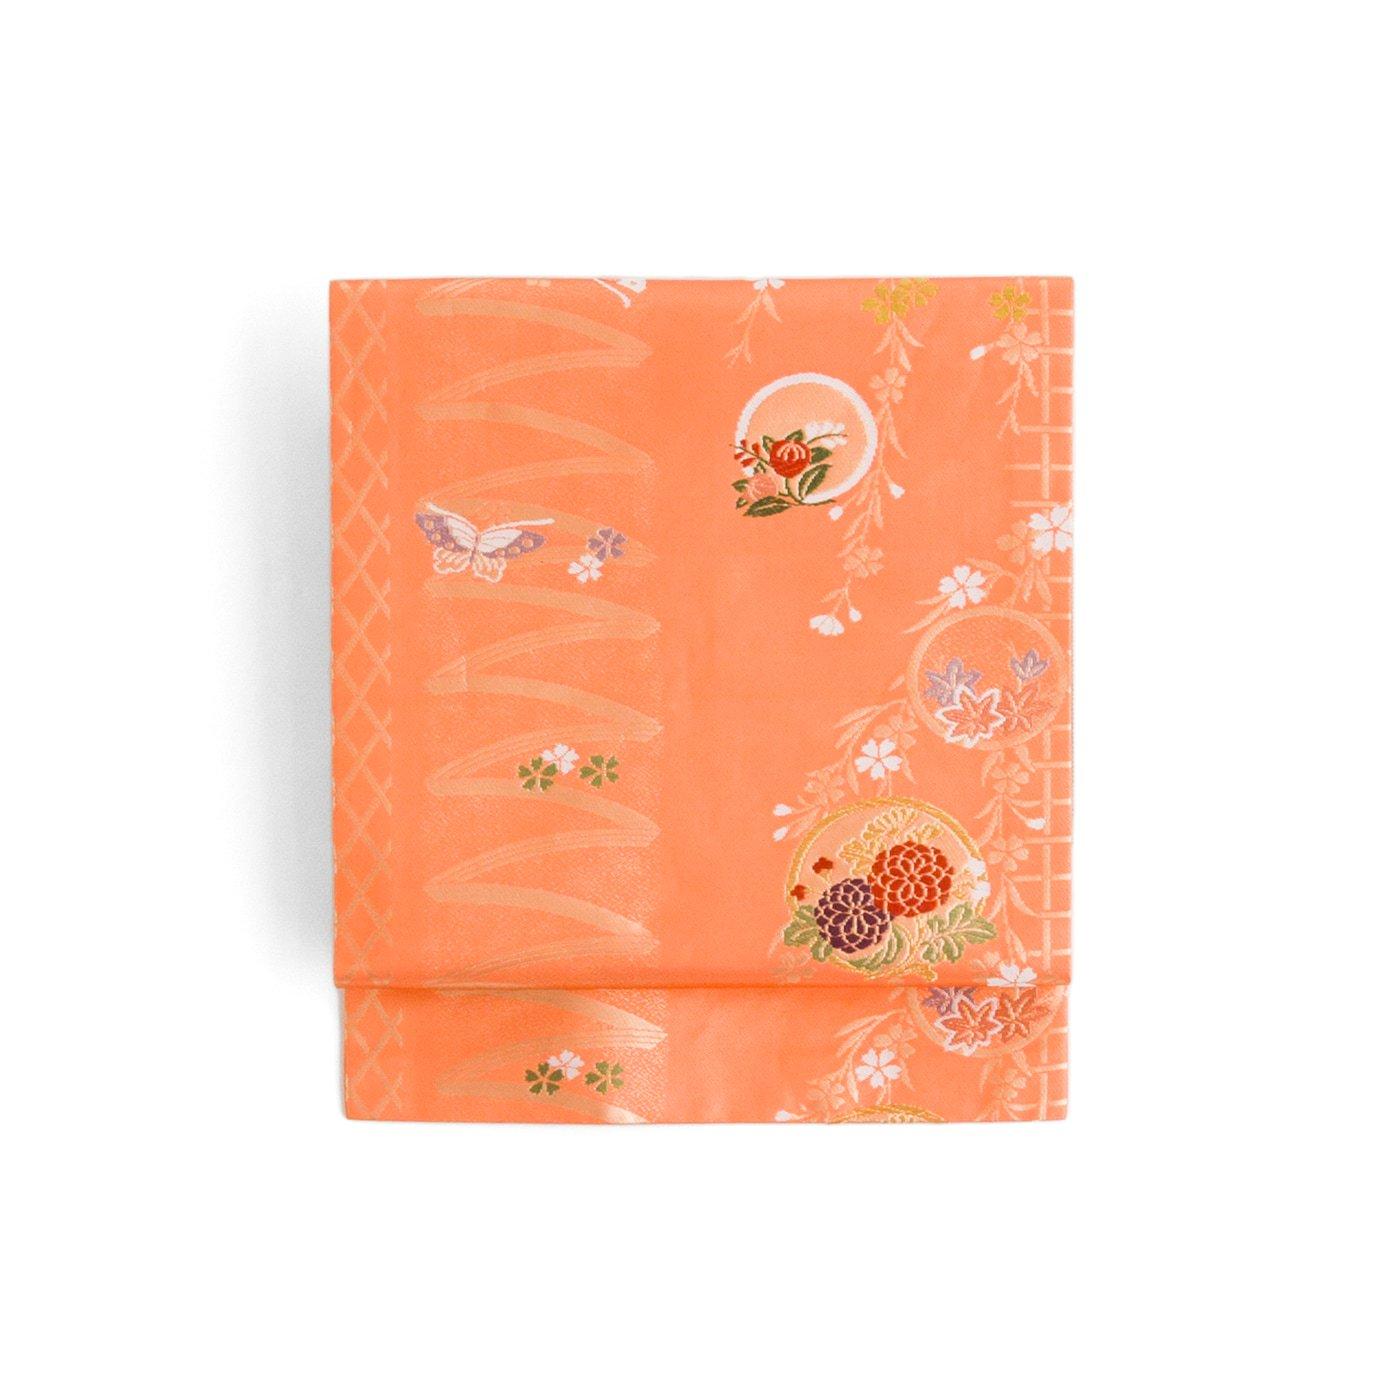 「丸に花 桜と蝶々」の商品画像